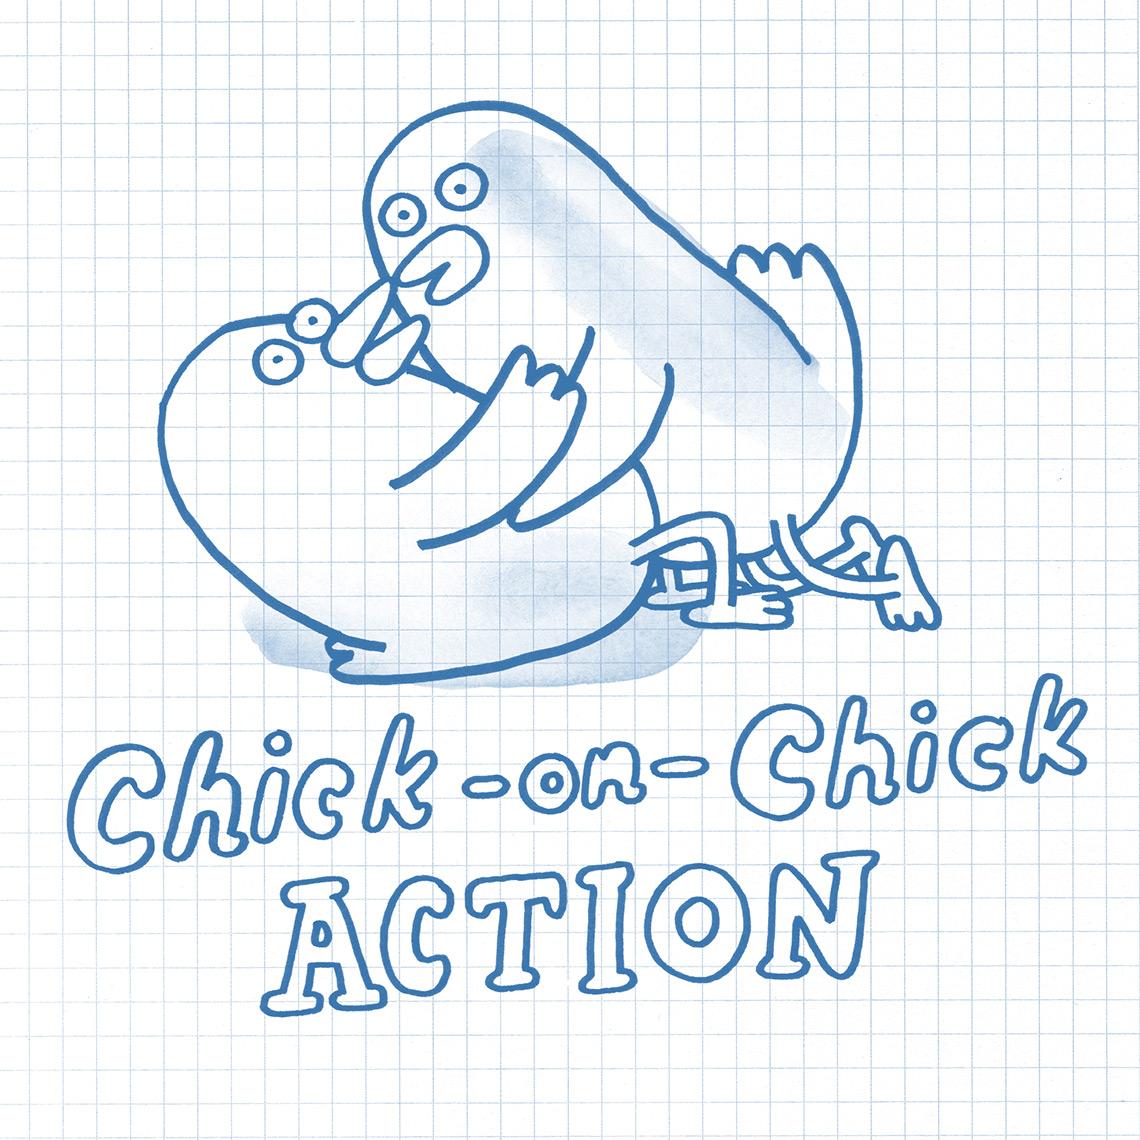 Sketch_Chicks.jpg